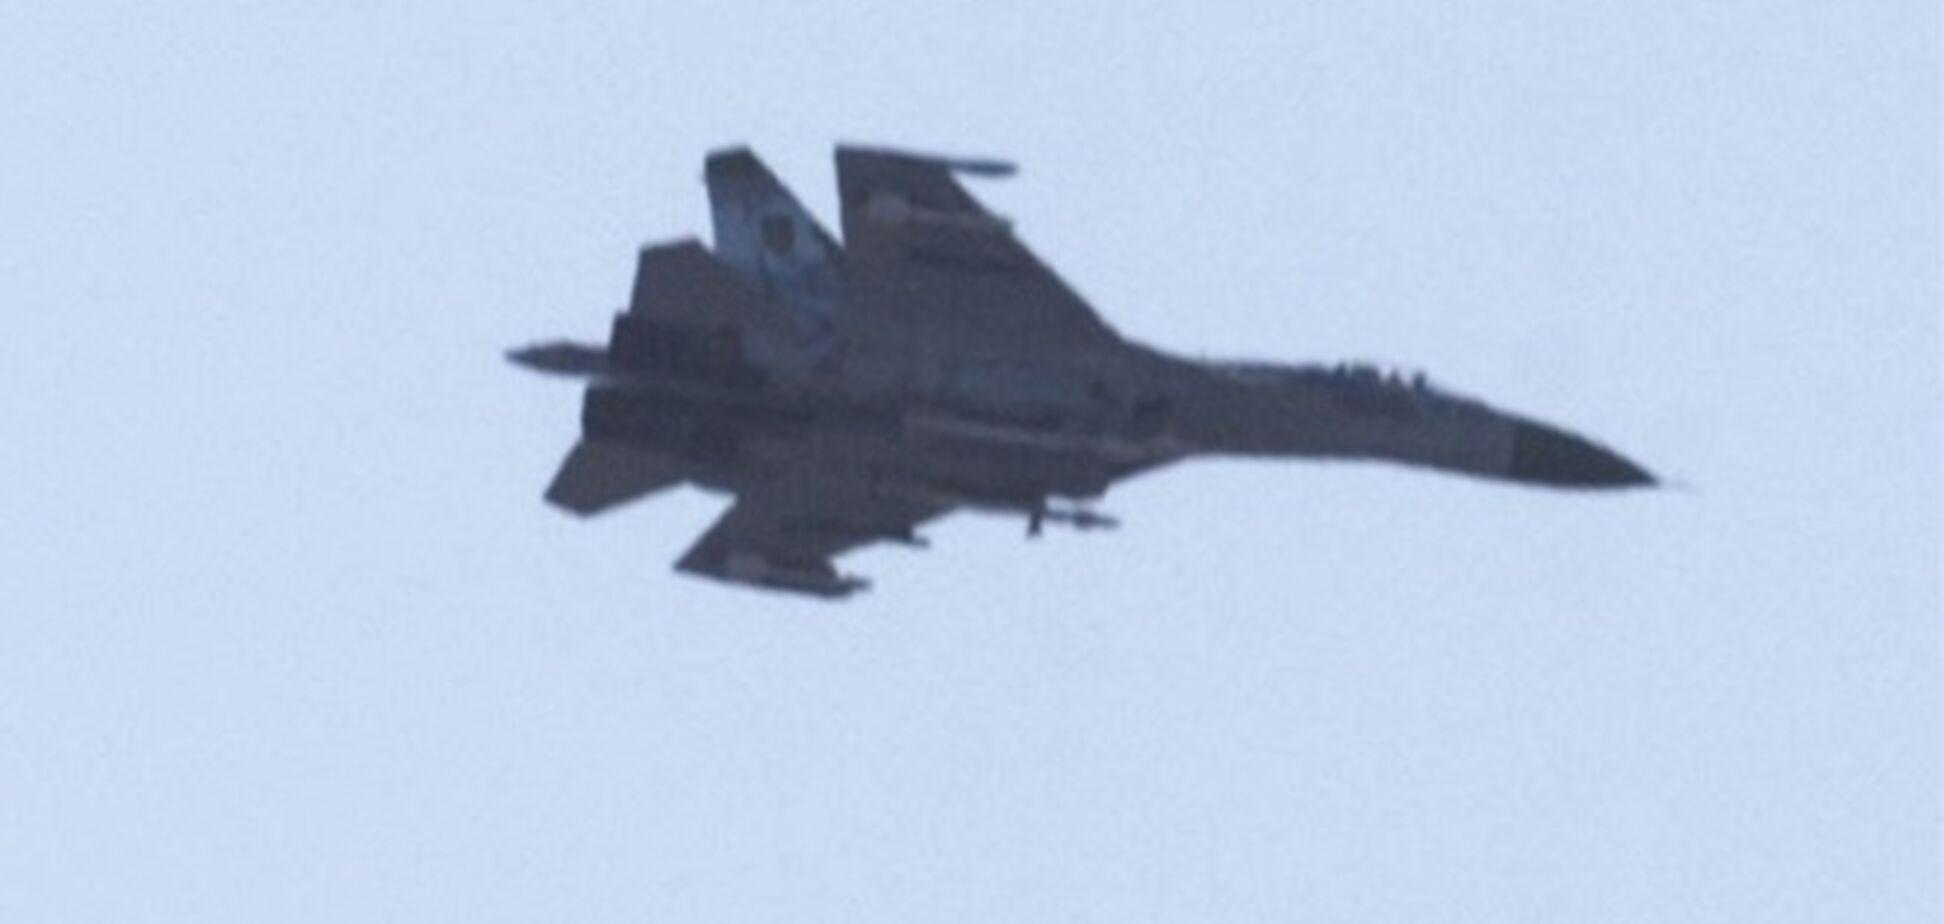 Над Горловкой кружит истребитель Су-27: местные жители в панике